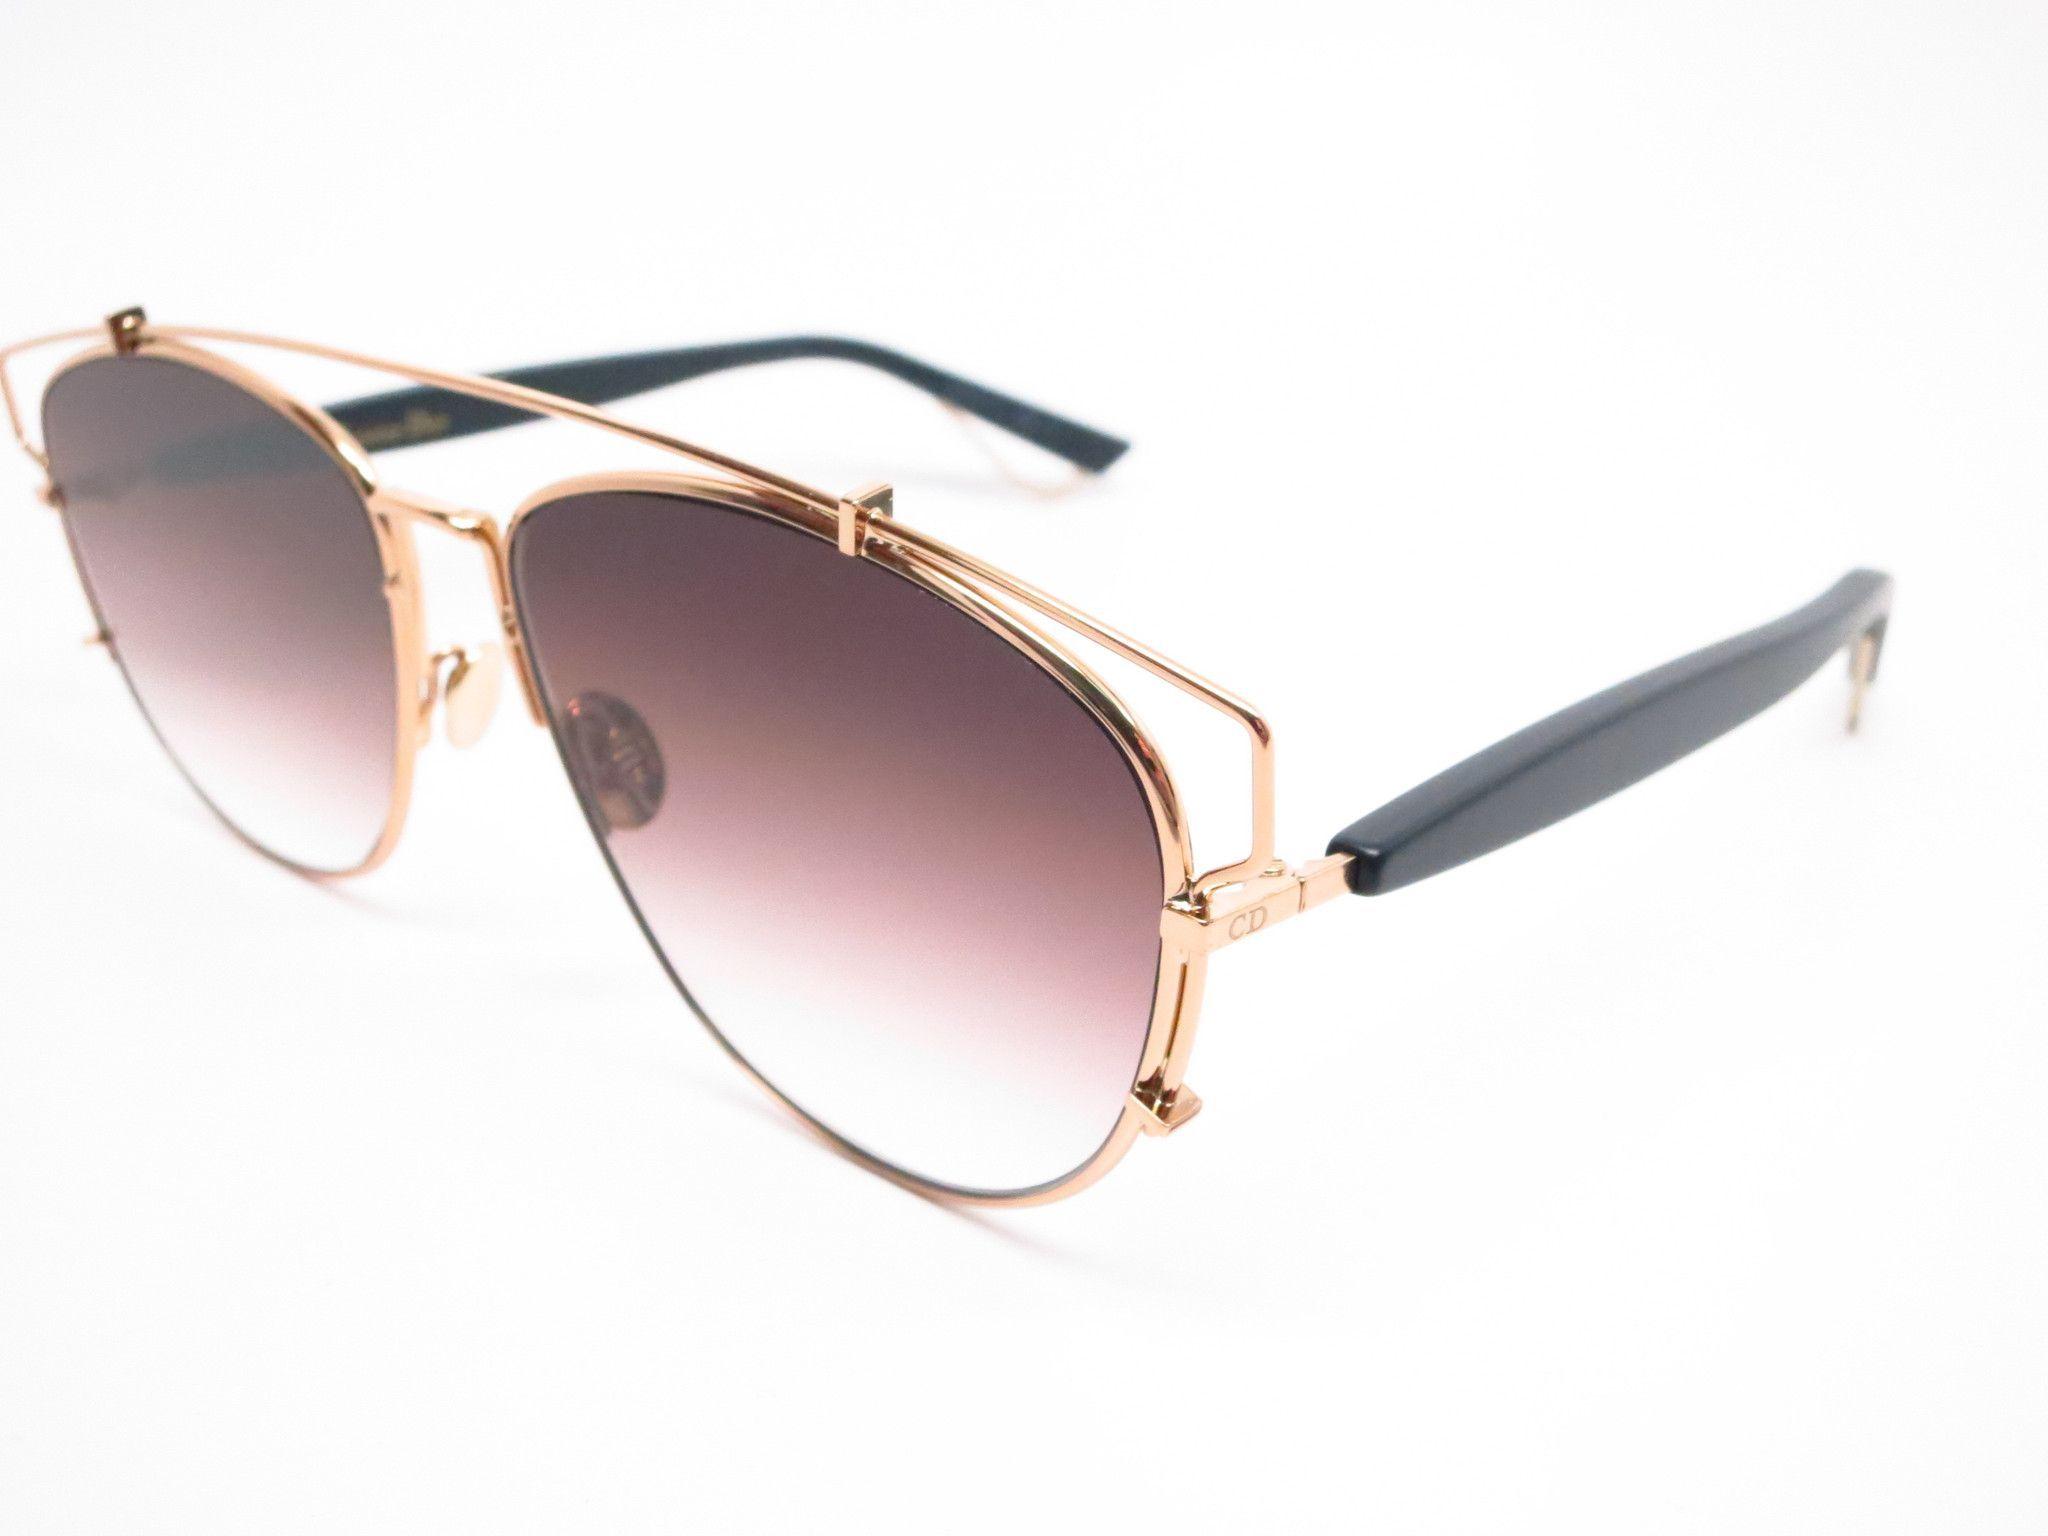 7ea19f4ff16 Dior Technologic Sunglasses Product Details Brand   Christion Dior Model  Name   Technologic Color Code   RHL86 Gender   Womens Frame Color   Gold    Black ...